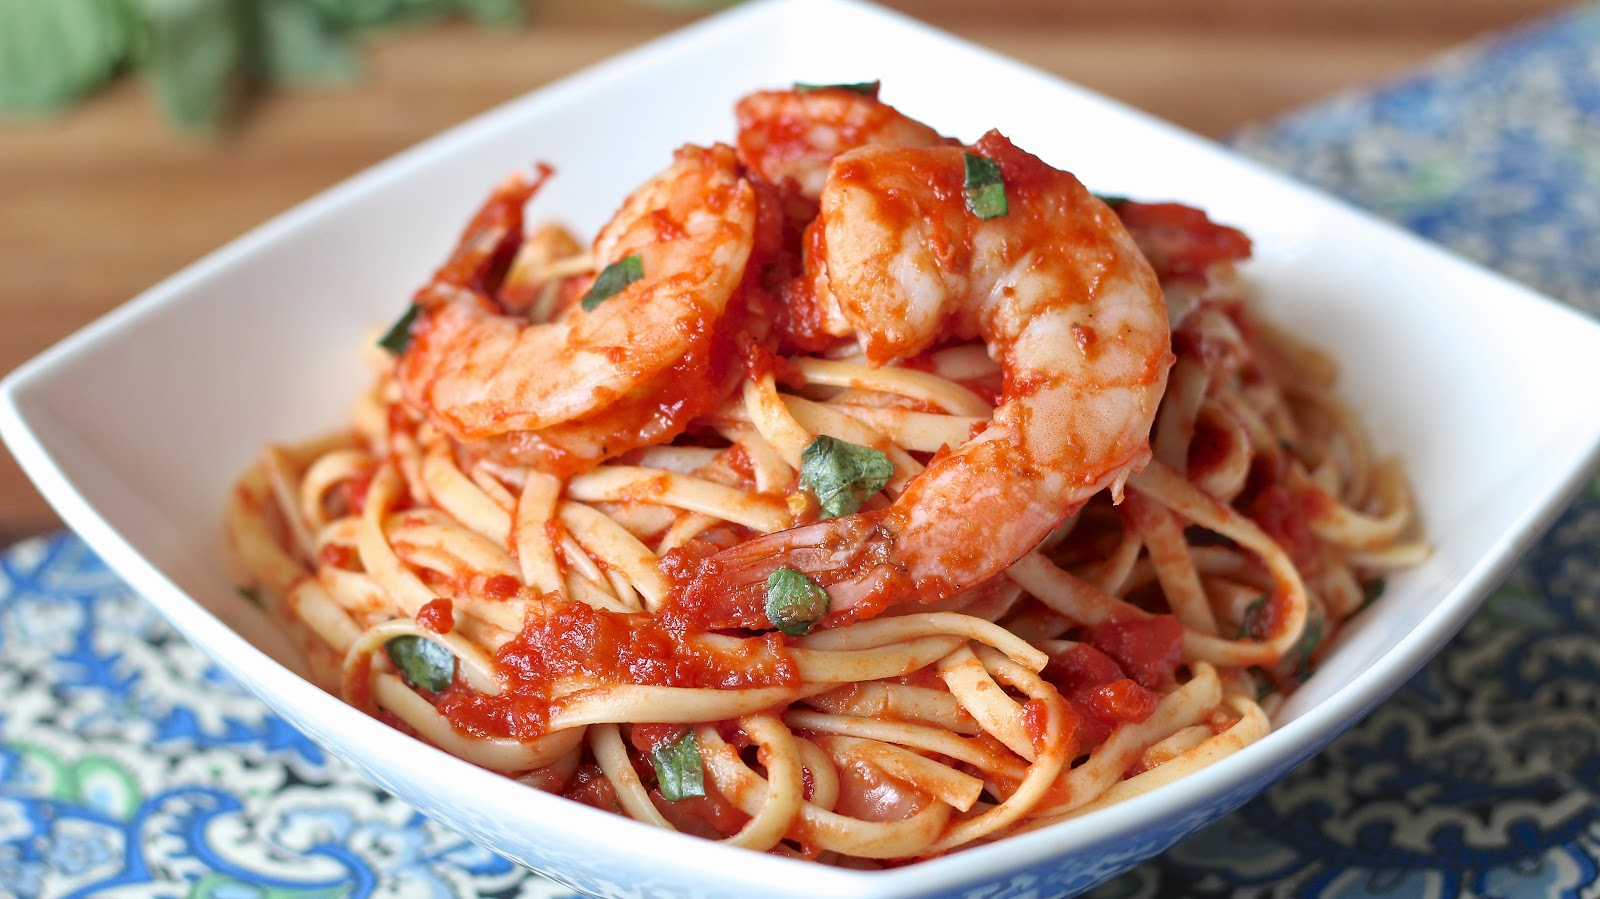 Shrimp Fra Diavolo